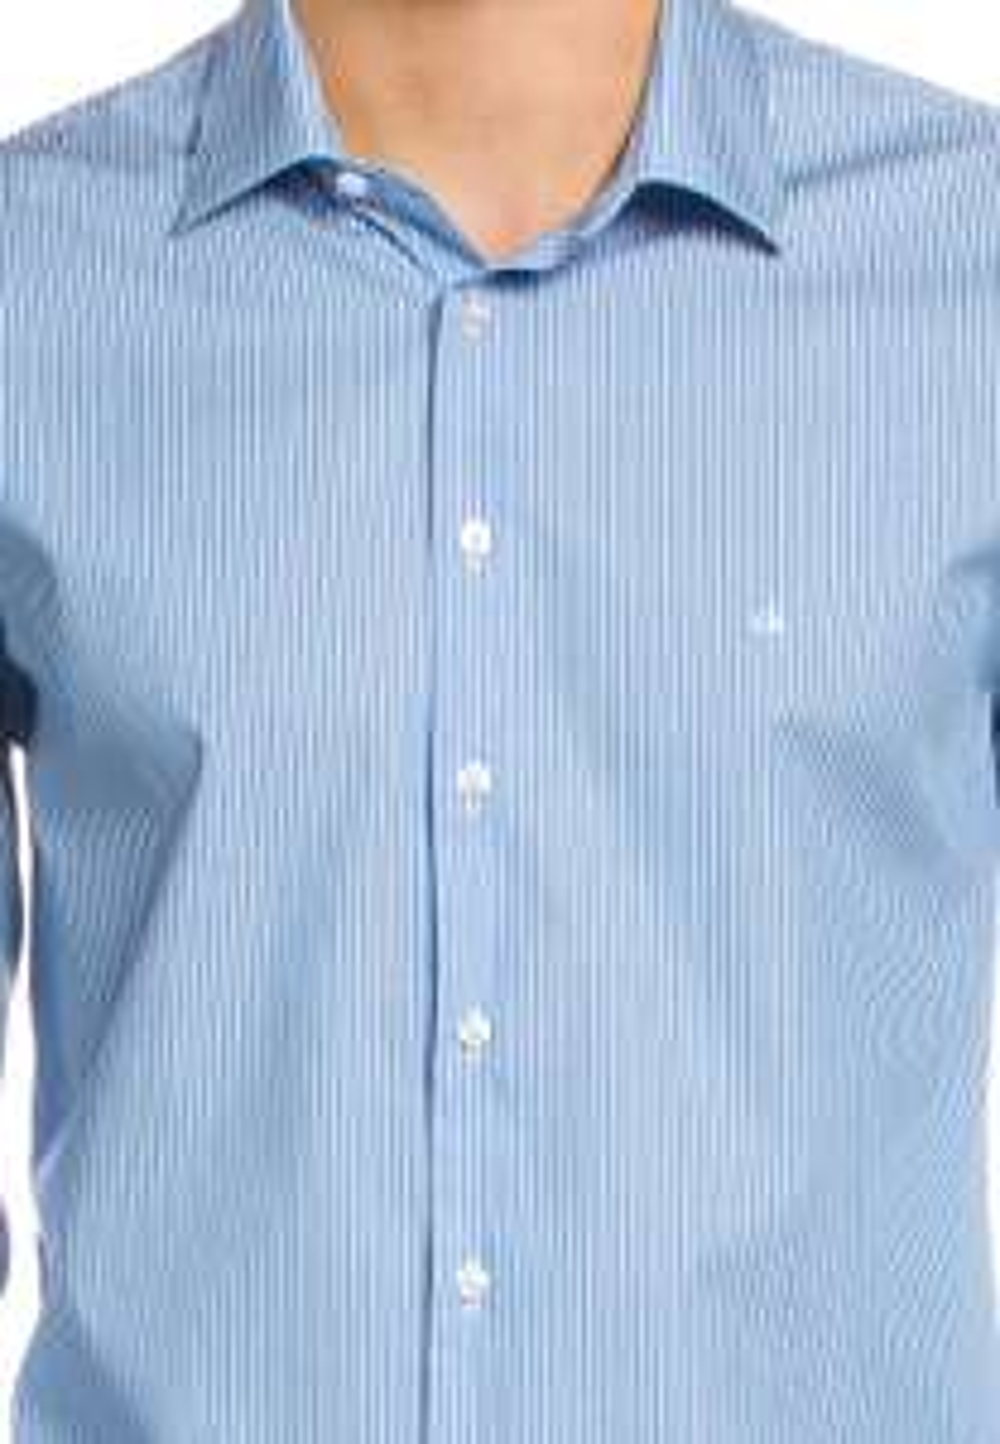 Hemden von Calvin Klein, Gant, Lacoste stark reduziert - z. B. Calvin Klein Hemden ab 21,97 € (Neukunden) bei Brands4Friends